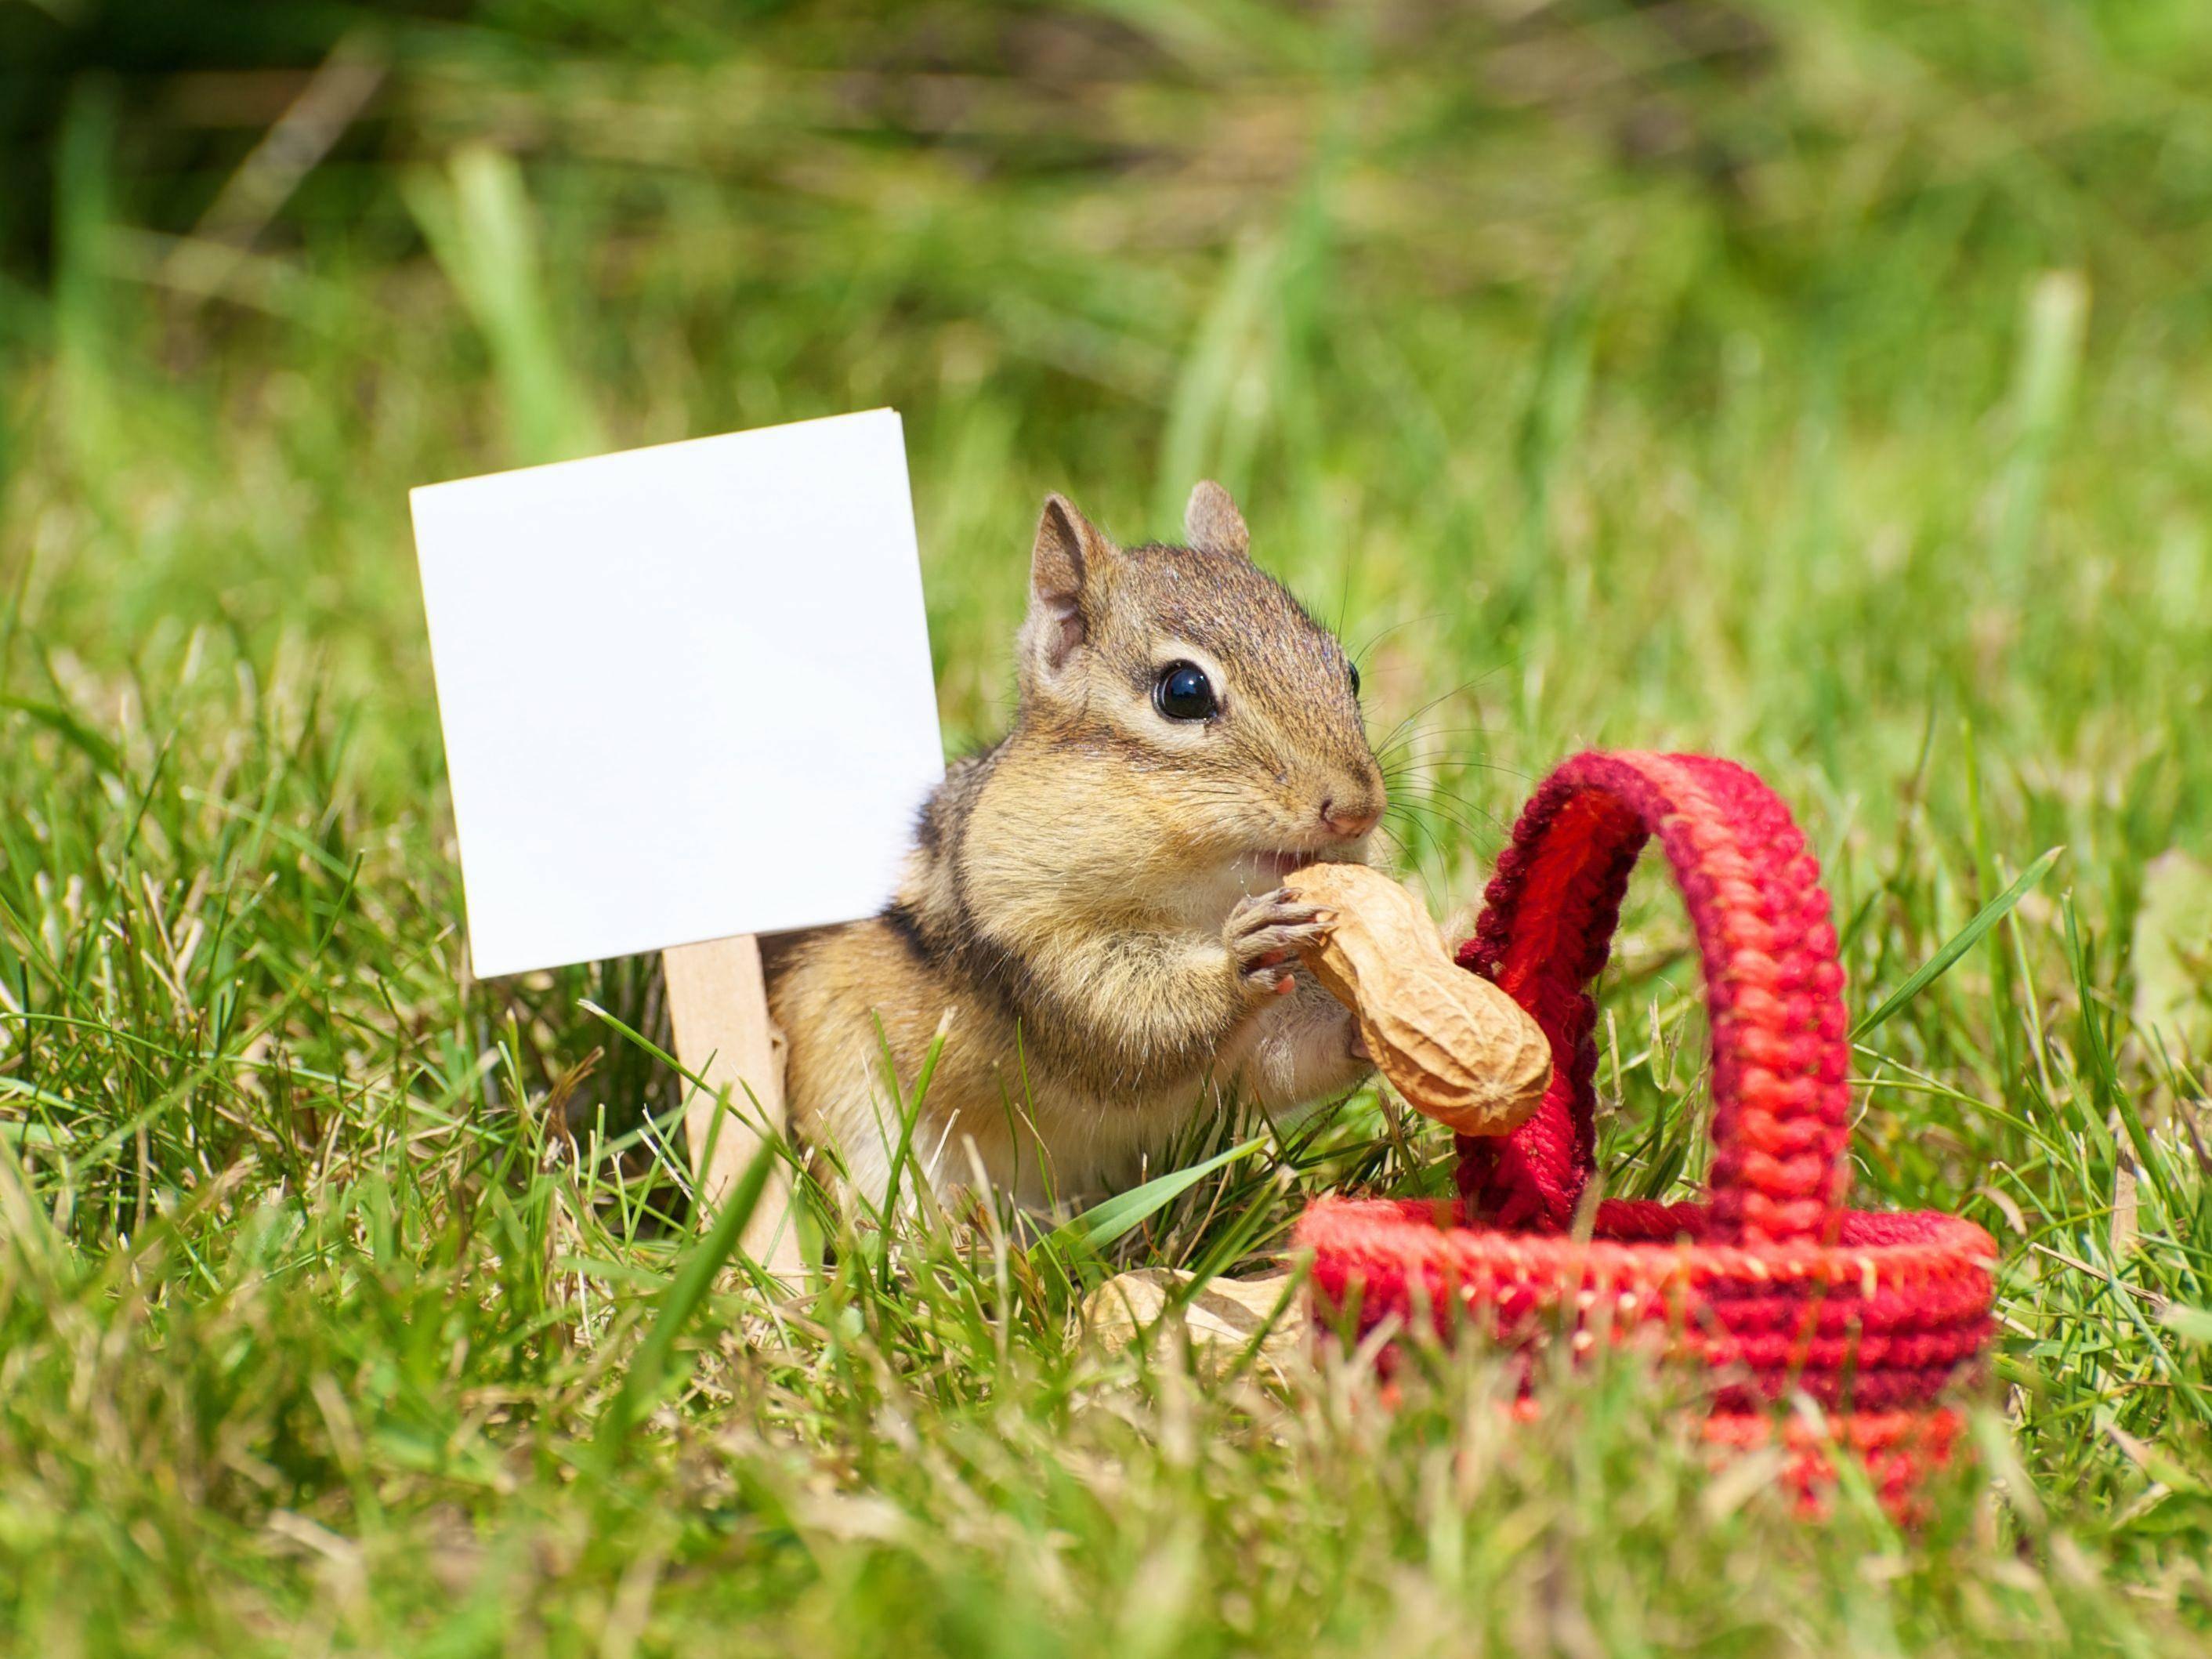 Picknick? Ein süßes Streifenhörnchen ist sich auch für Schnappschüsse nicht zu fein — Bild: Shutterstock / KellyNelson